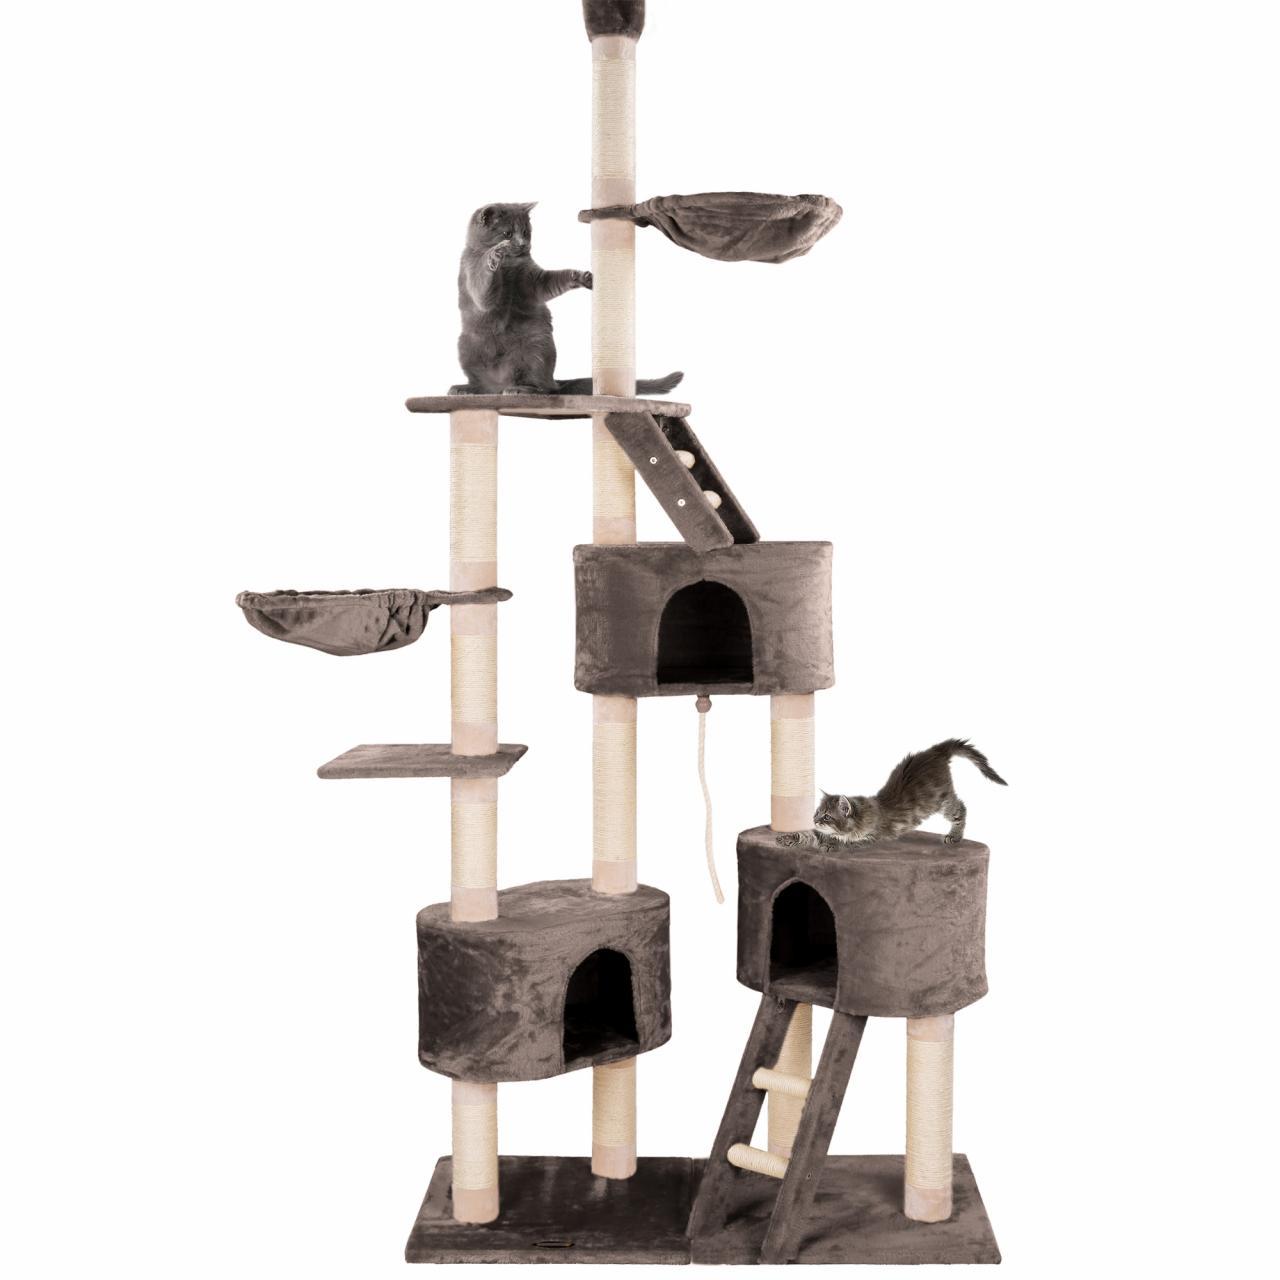 happypet arbre chat grattoir griffoir sisal hauteur plafond 230 260cm ebay. Black Bedroom Furniture Sets. Home Design Ideas